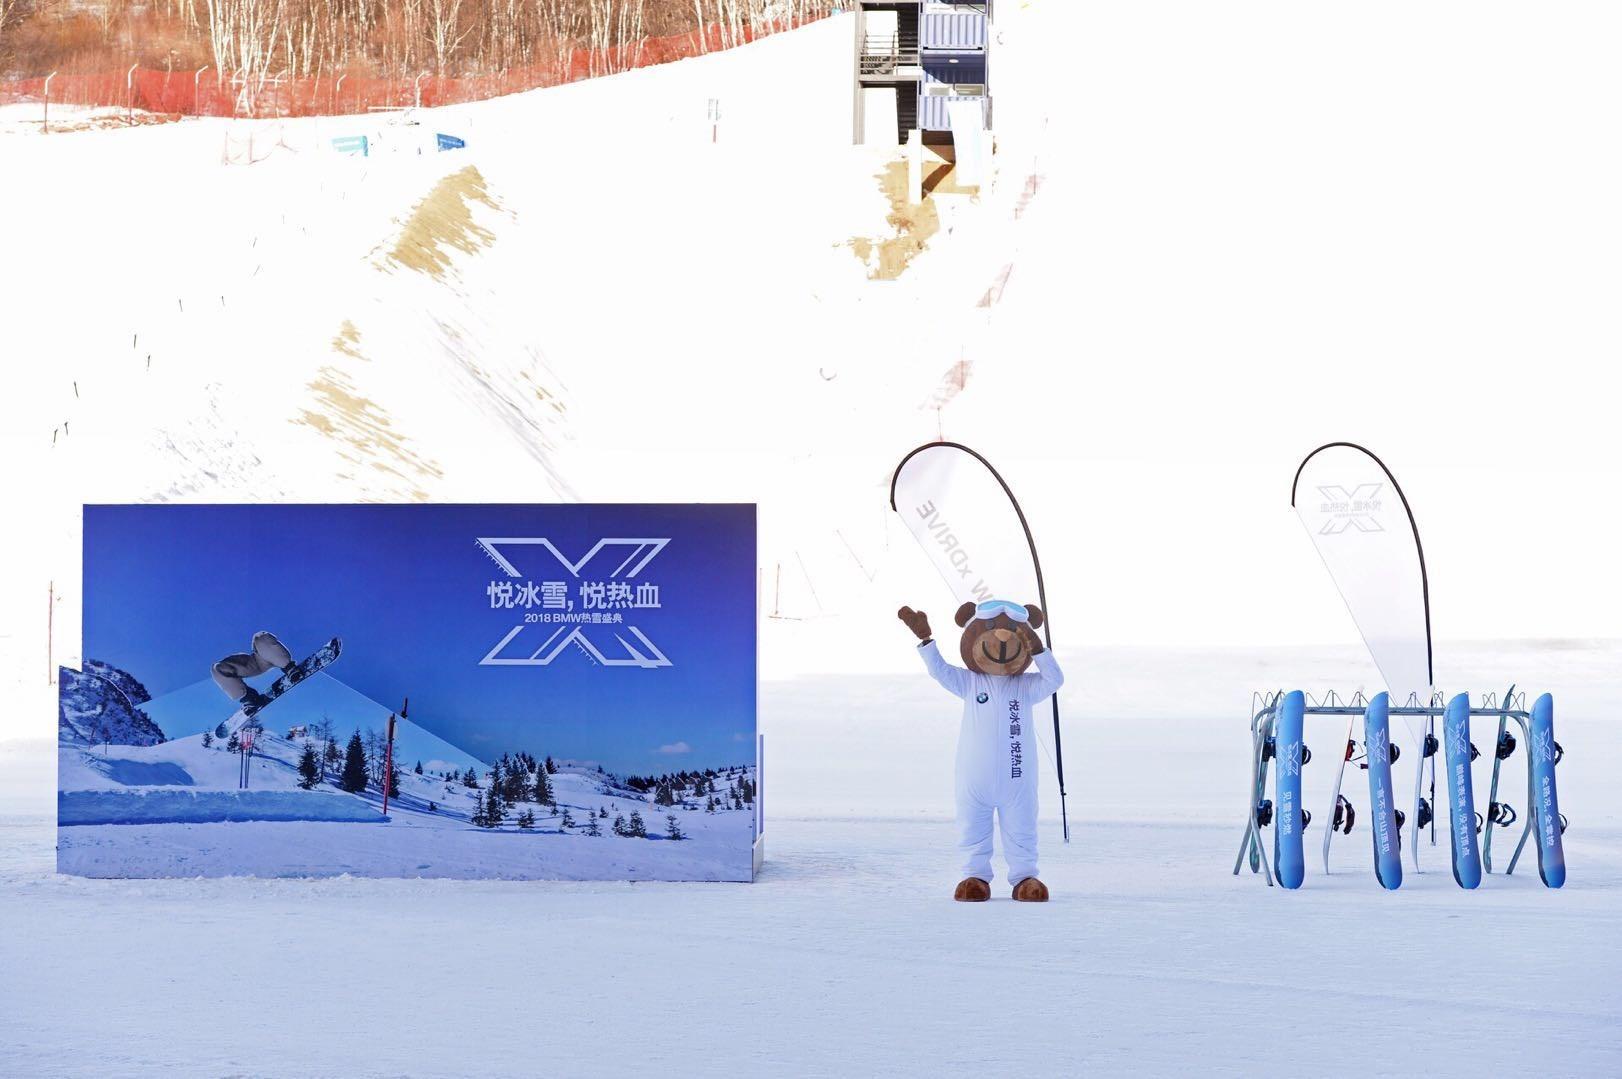 打造滑雪朋友圈 宝马冰雪战略为X之年造势